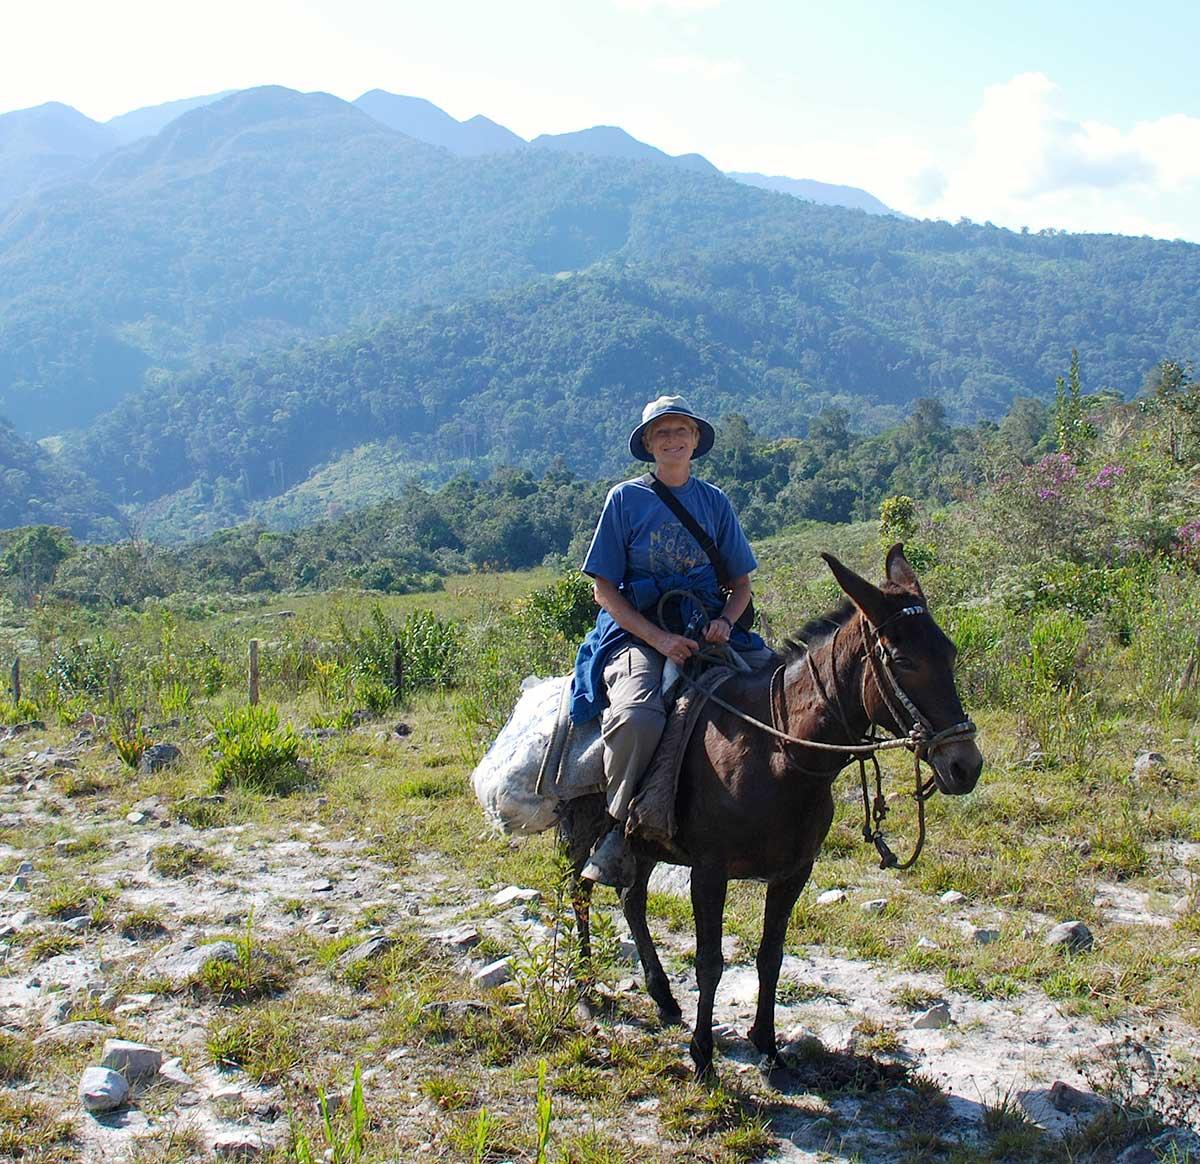 Inge Schjellerup på ekspedition i de uvejsomme bjergegne i det nordøstlige Peru.